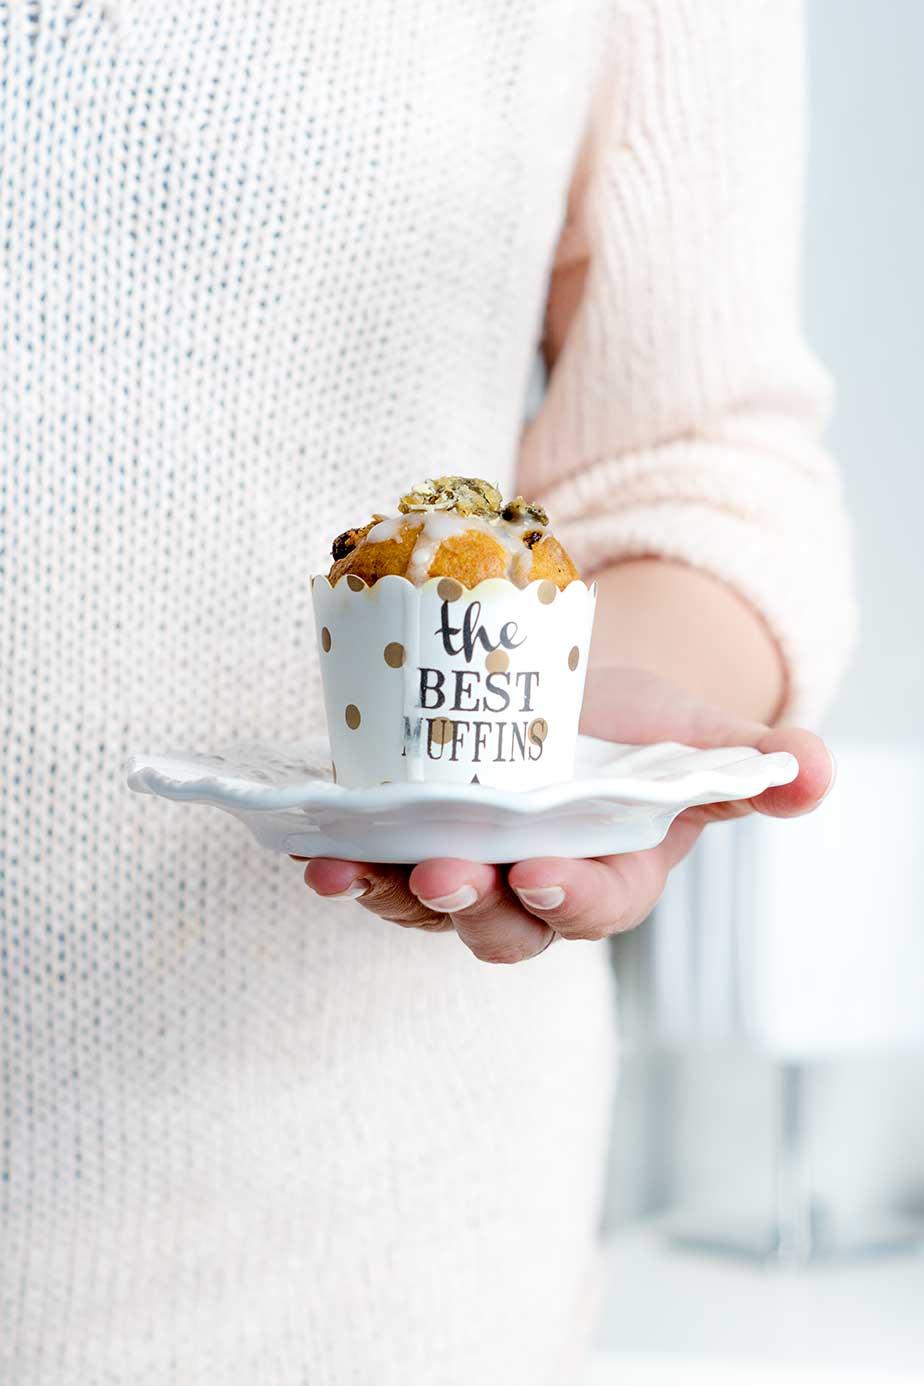 Muffin auf Teller in der Hand